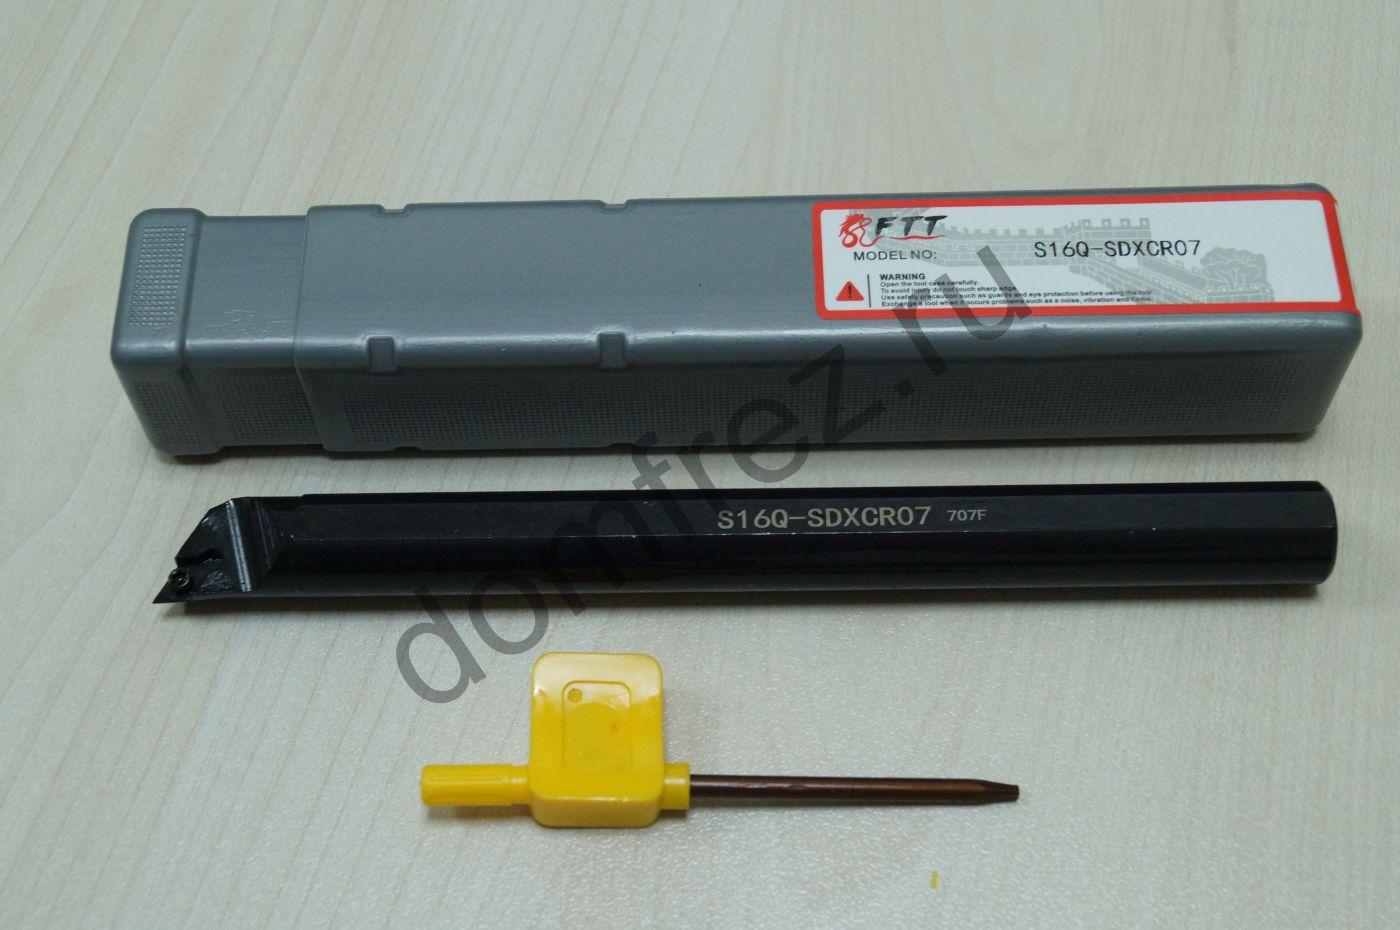 Державка S16Q-SDXCR07 95 градусов